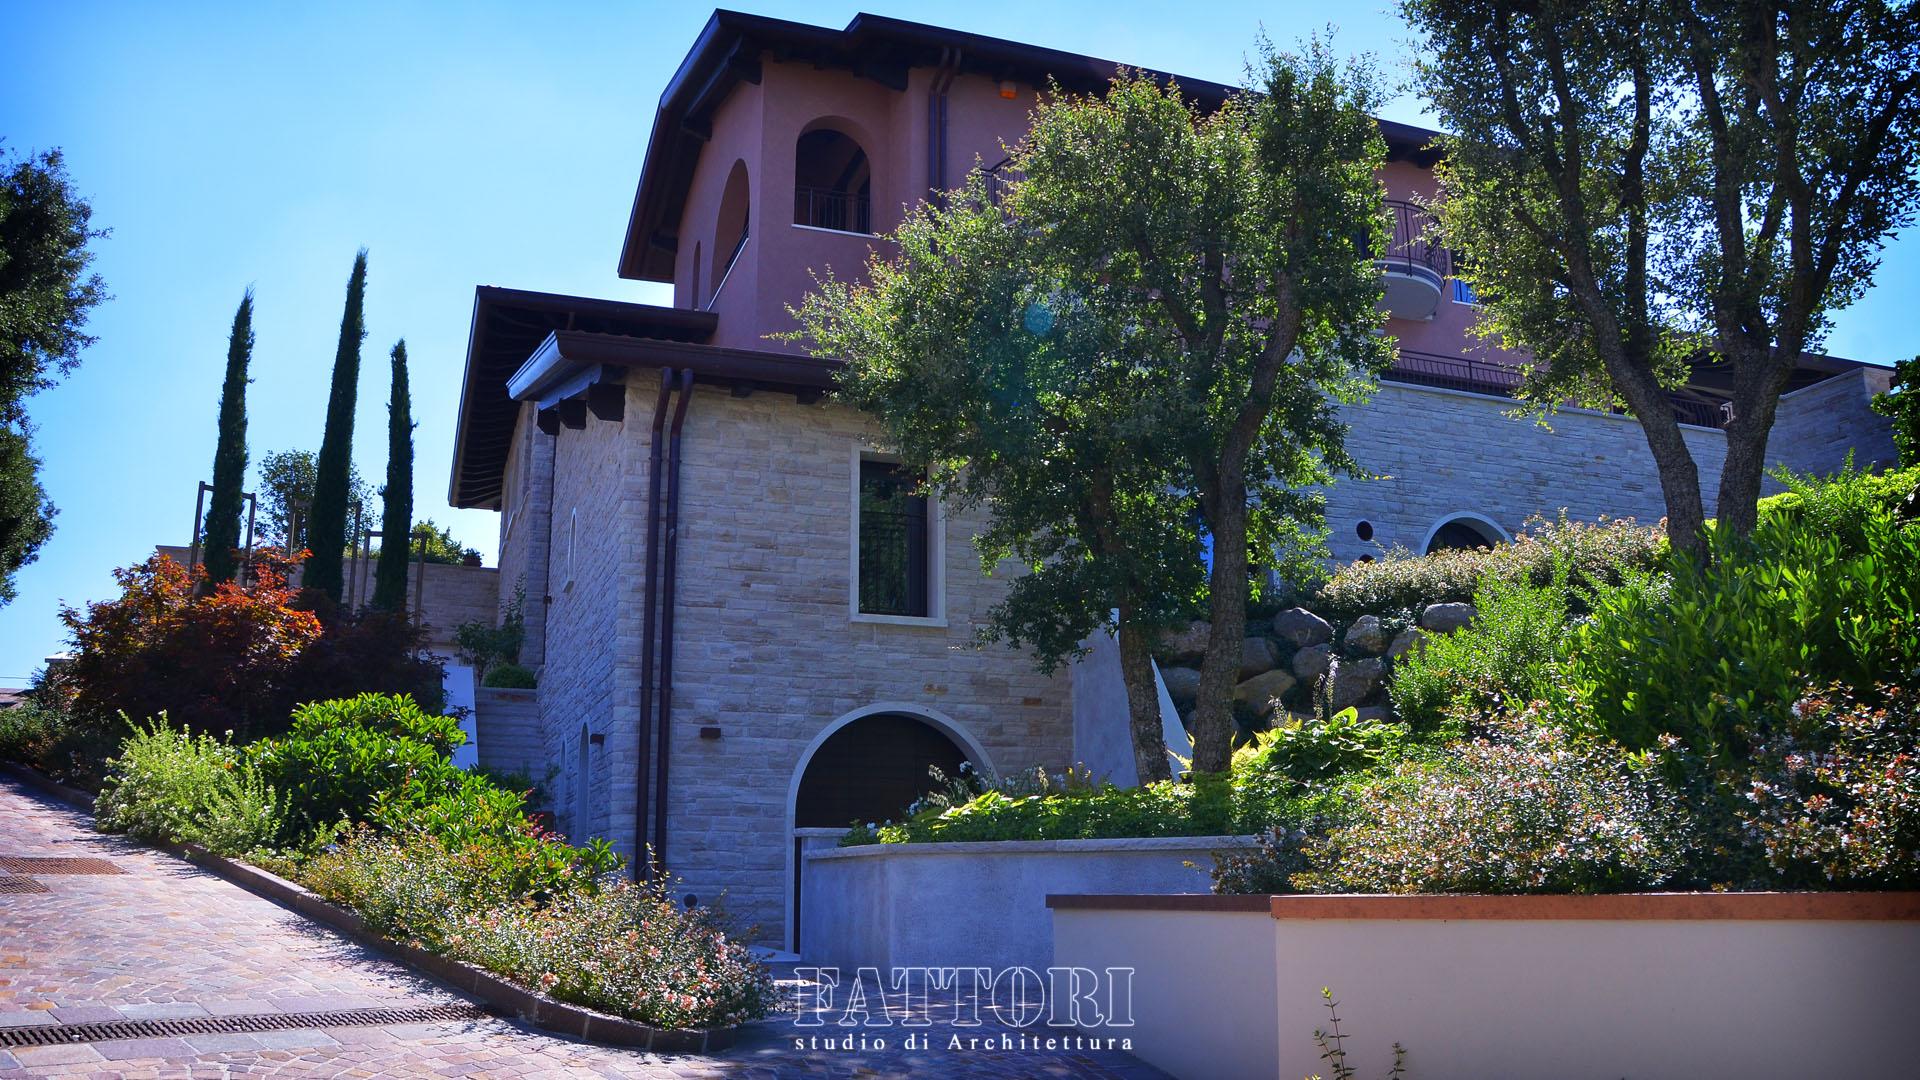 Studio di Architettura Fattori Fausto_progettazione ville residenziali_2